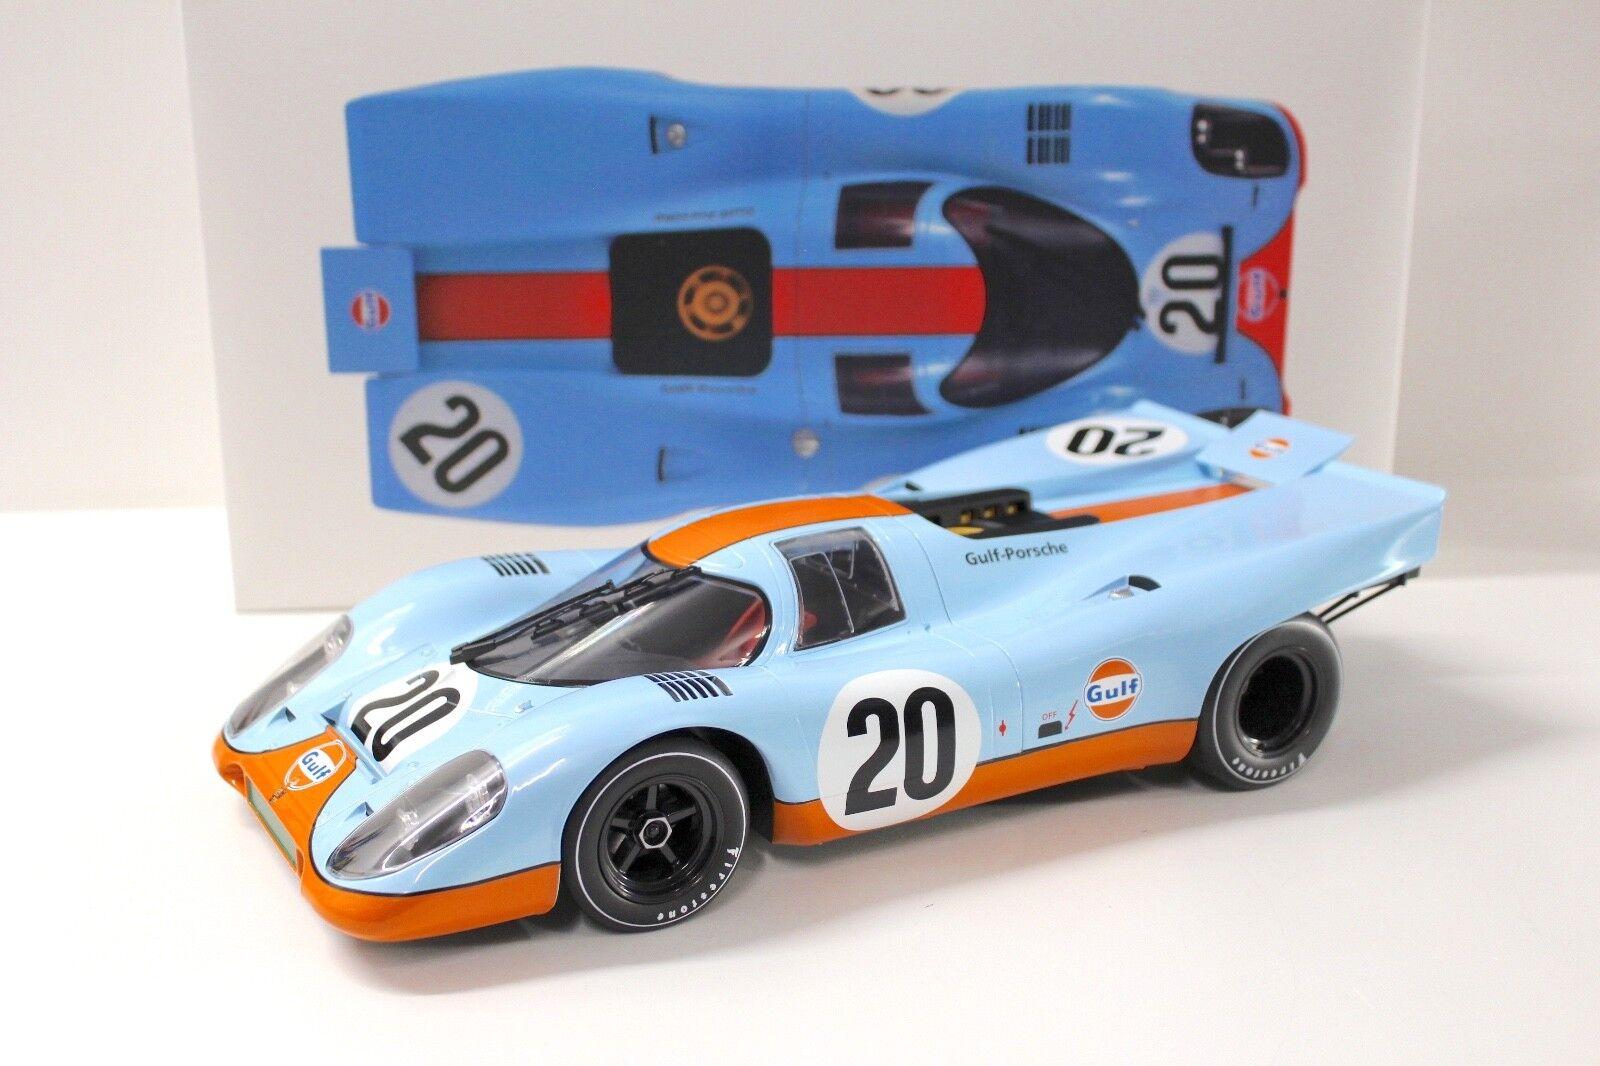 1 12 norev Porsche 917 K Gulf racing 24h france  20 New en Premium-modelCoches